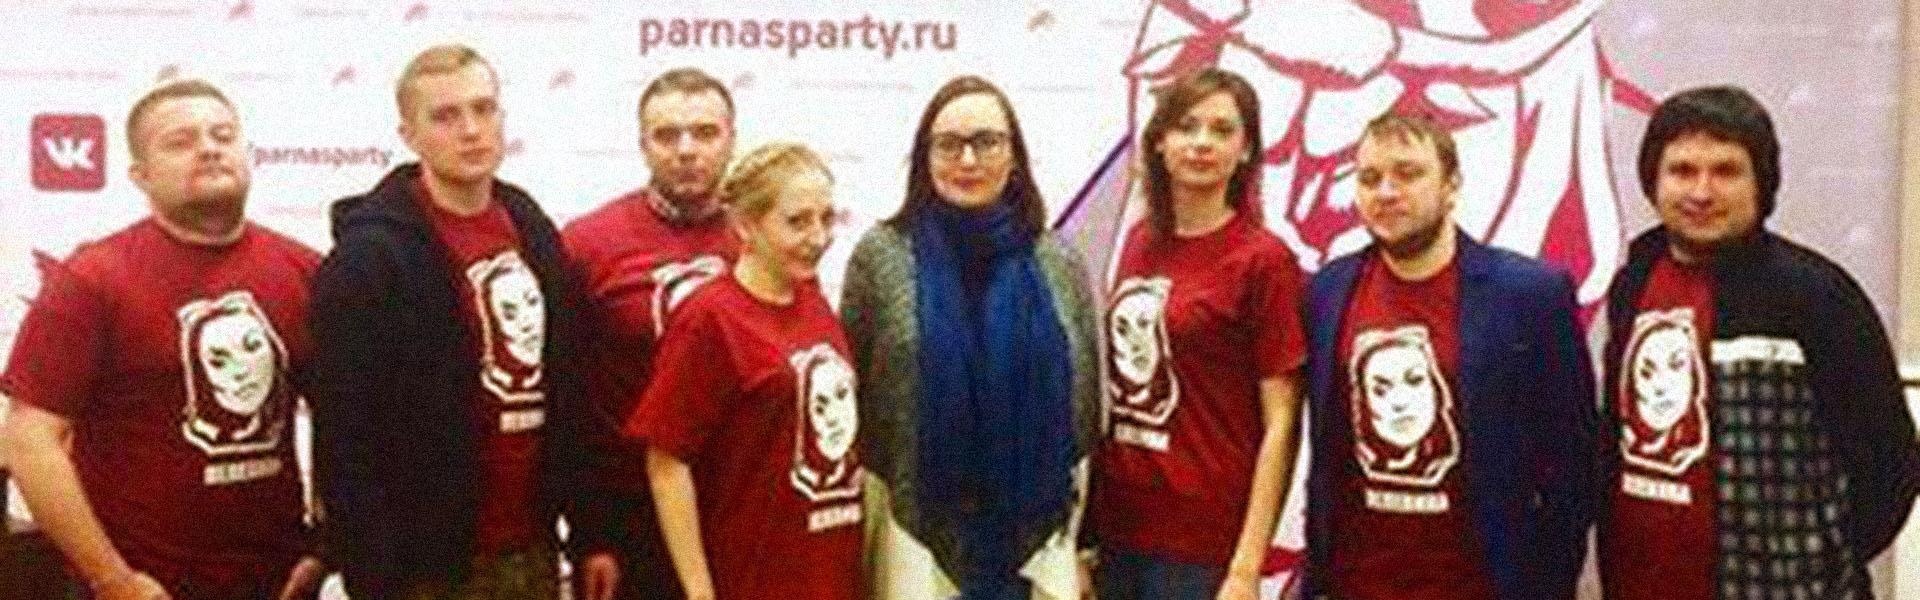 Наталья Пелевина: я не дам им себя уничтожить!